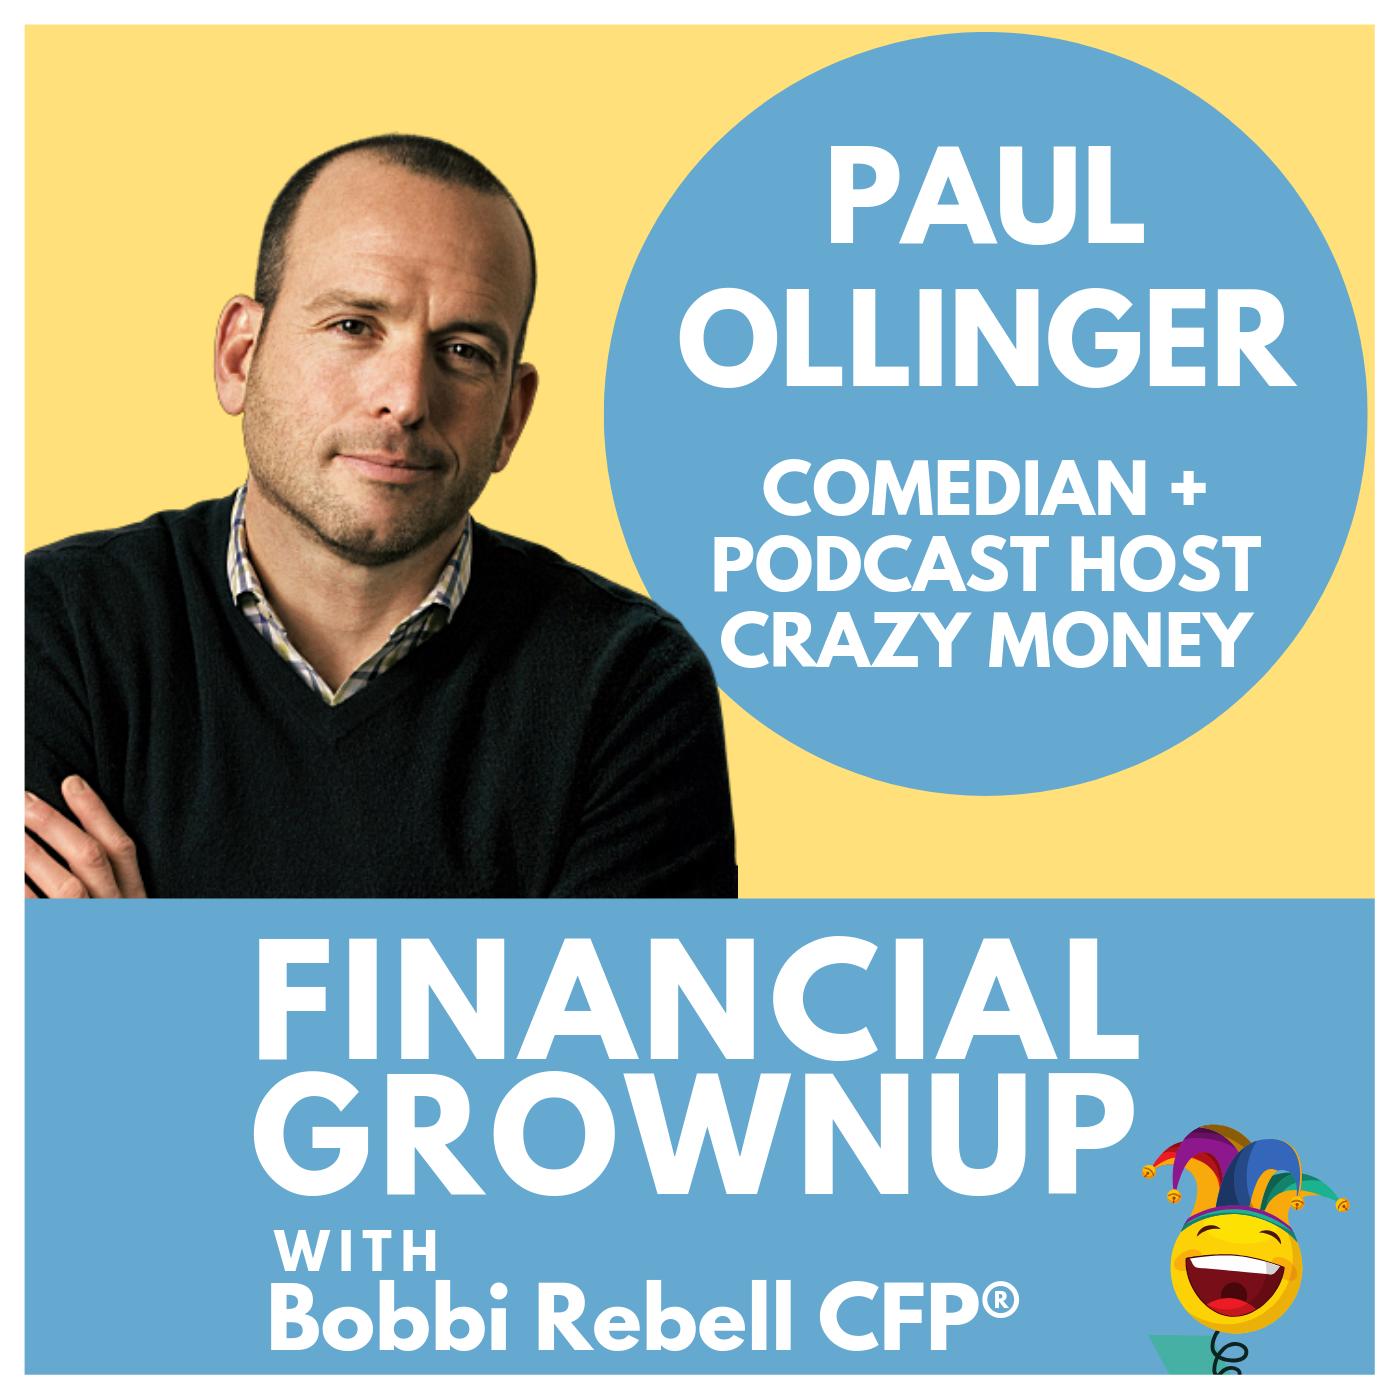 Paul Ollinger Instagram